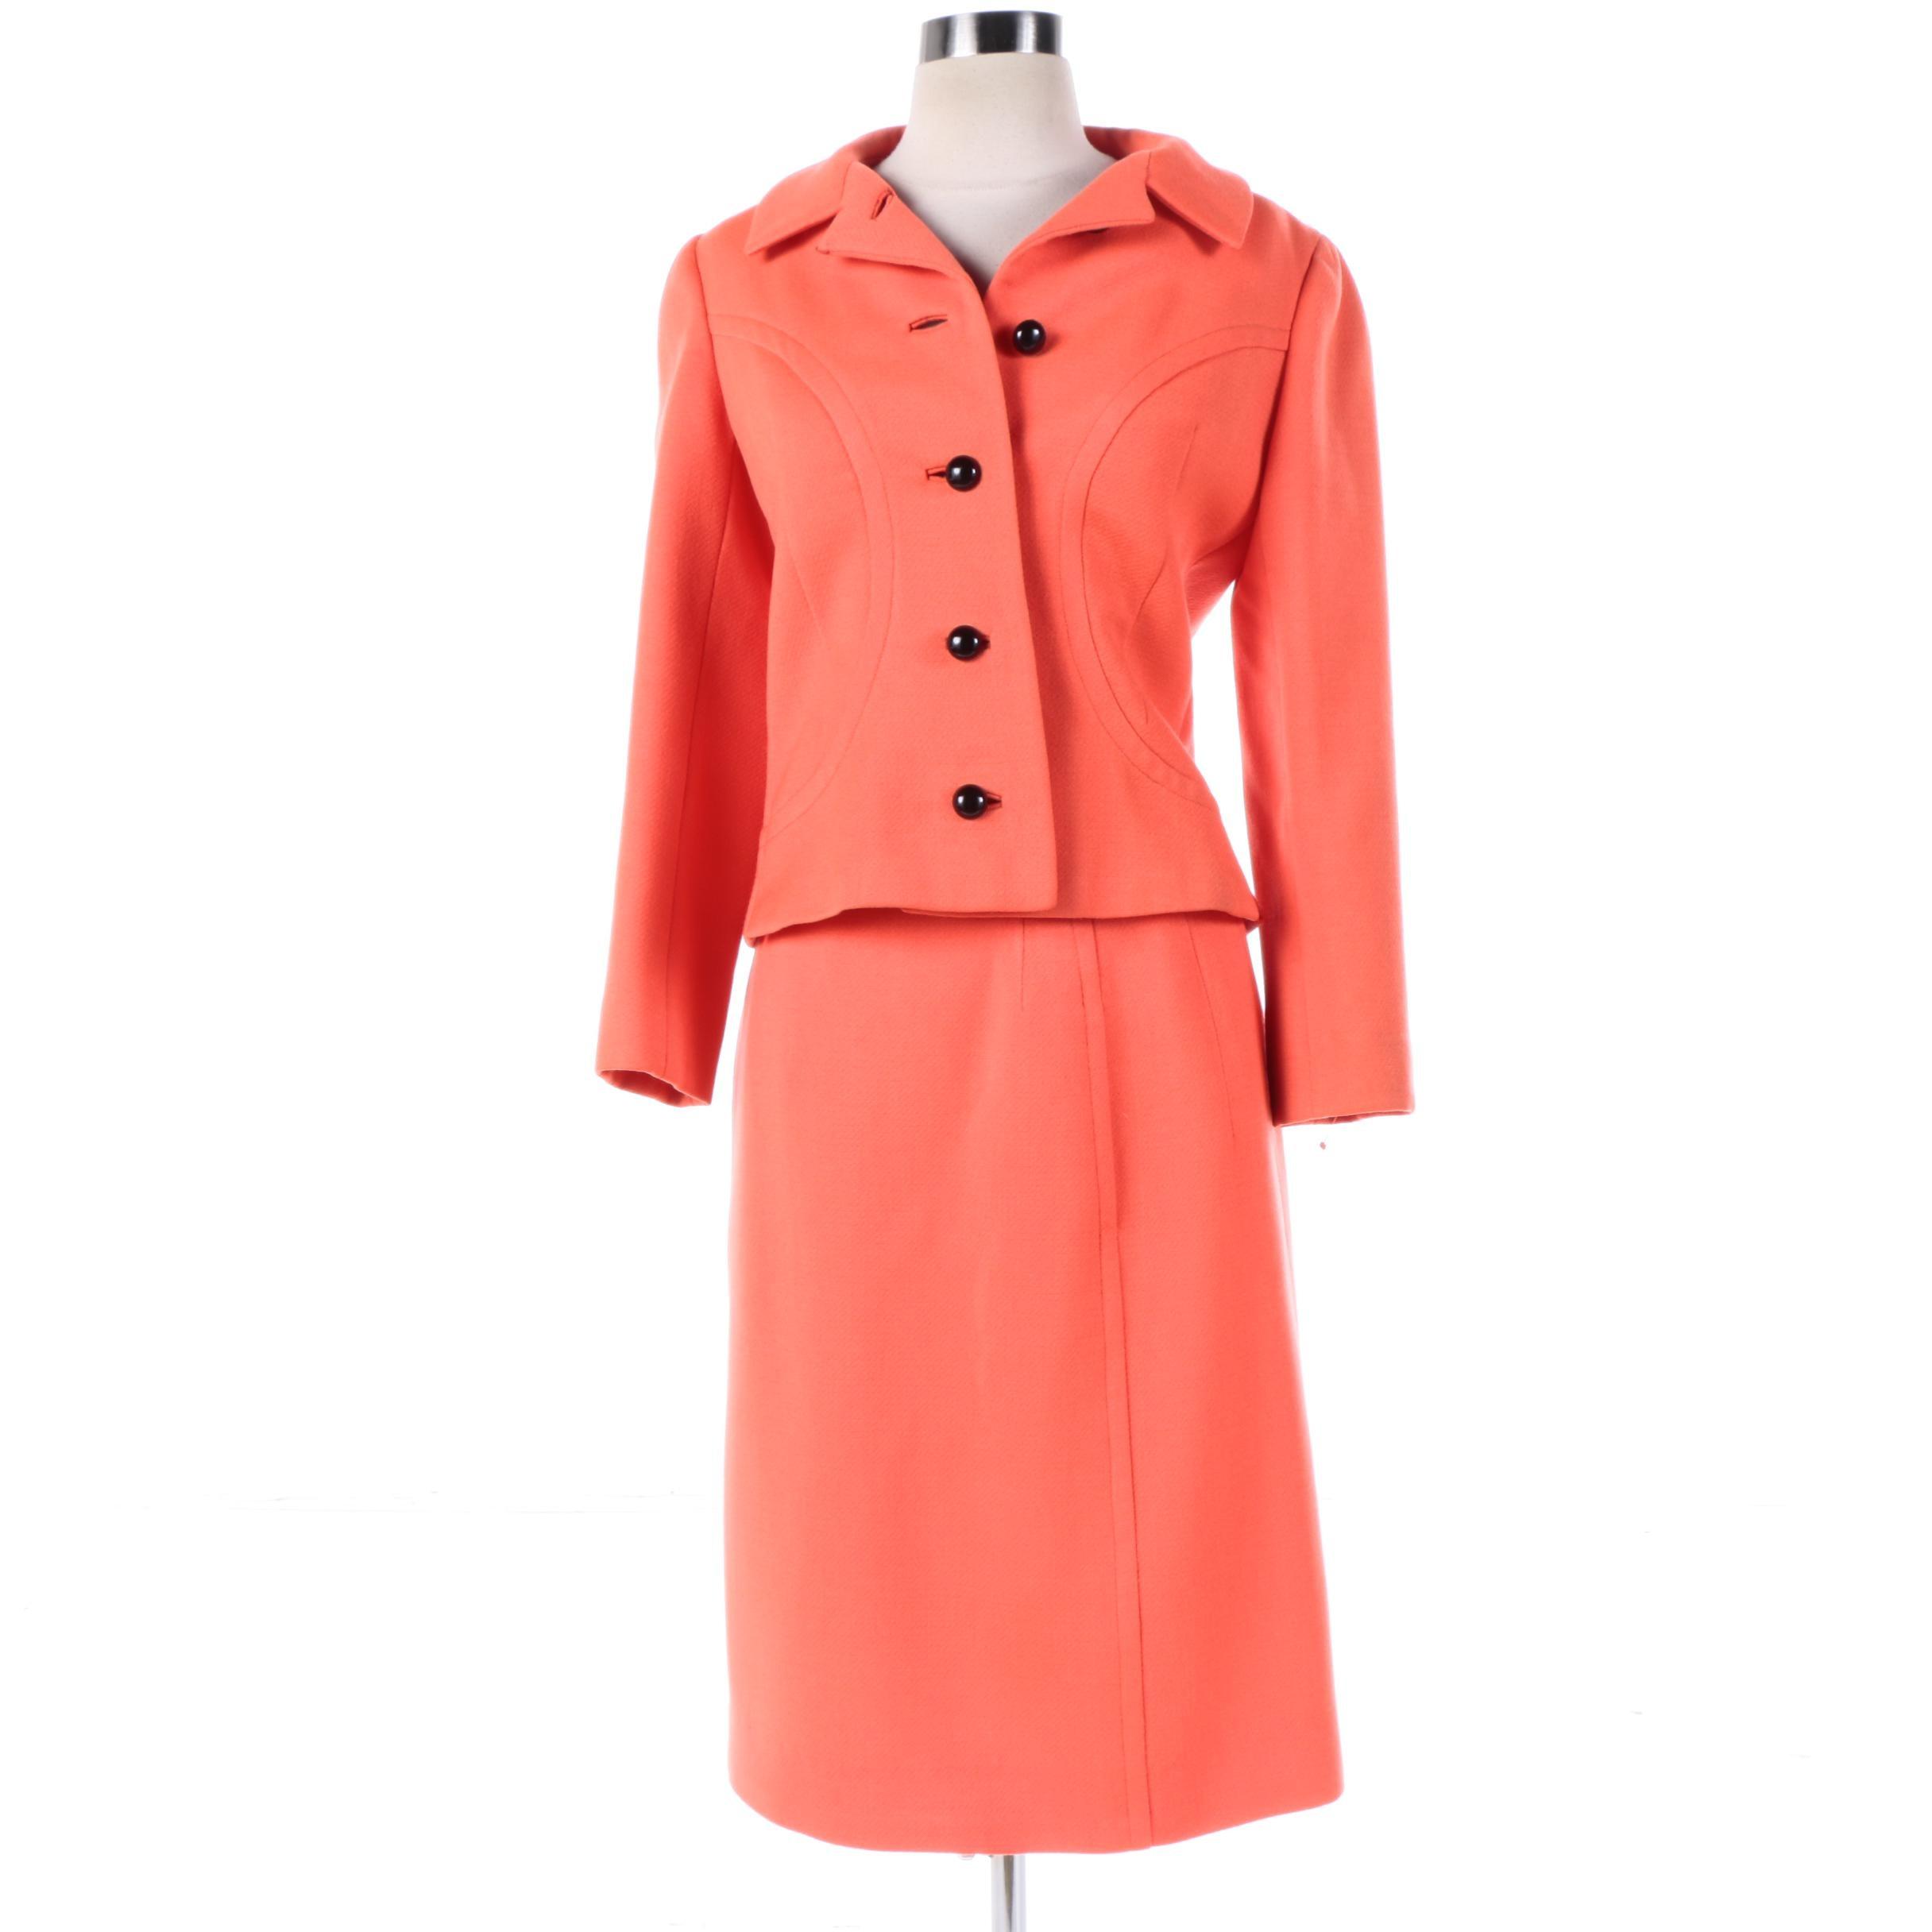 1960s Vintage Davidow New York Neon Orange Virgin Wool Skirt Suit